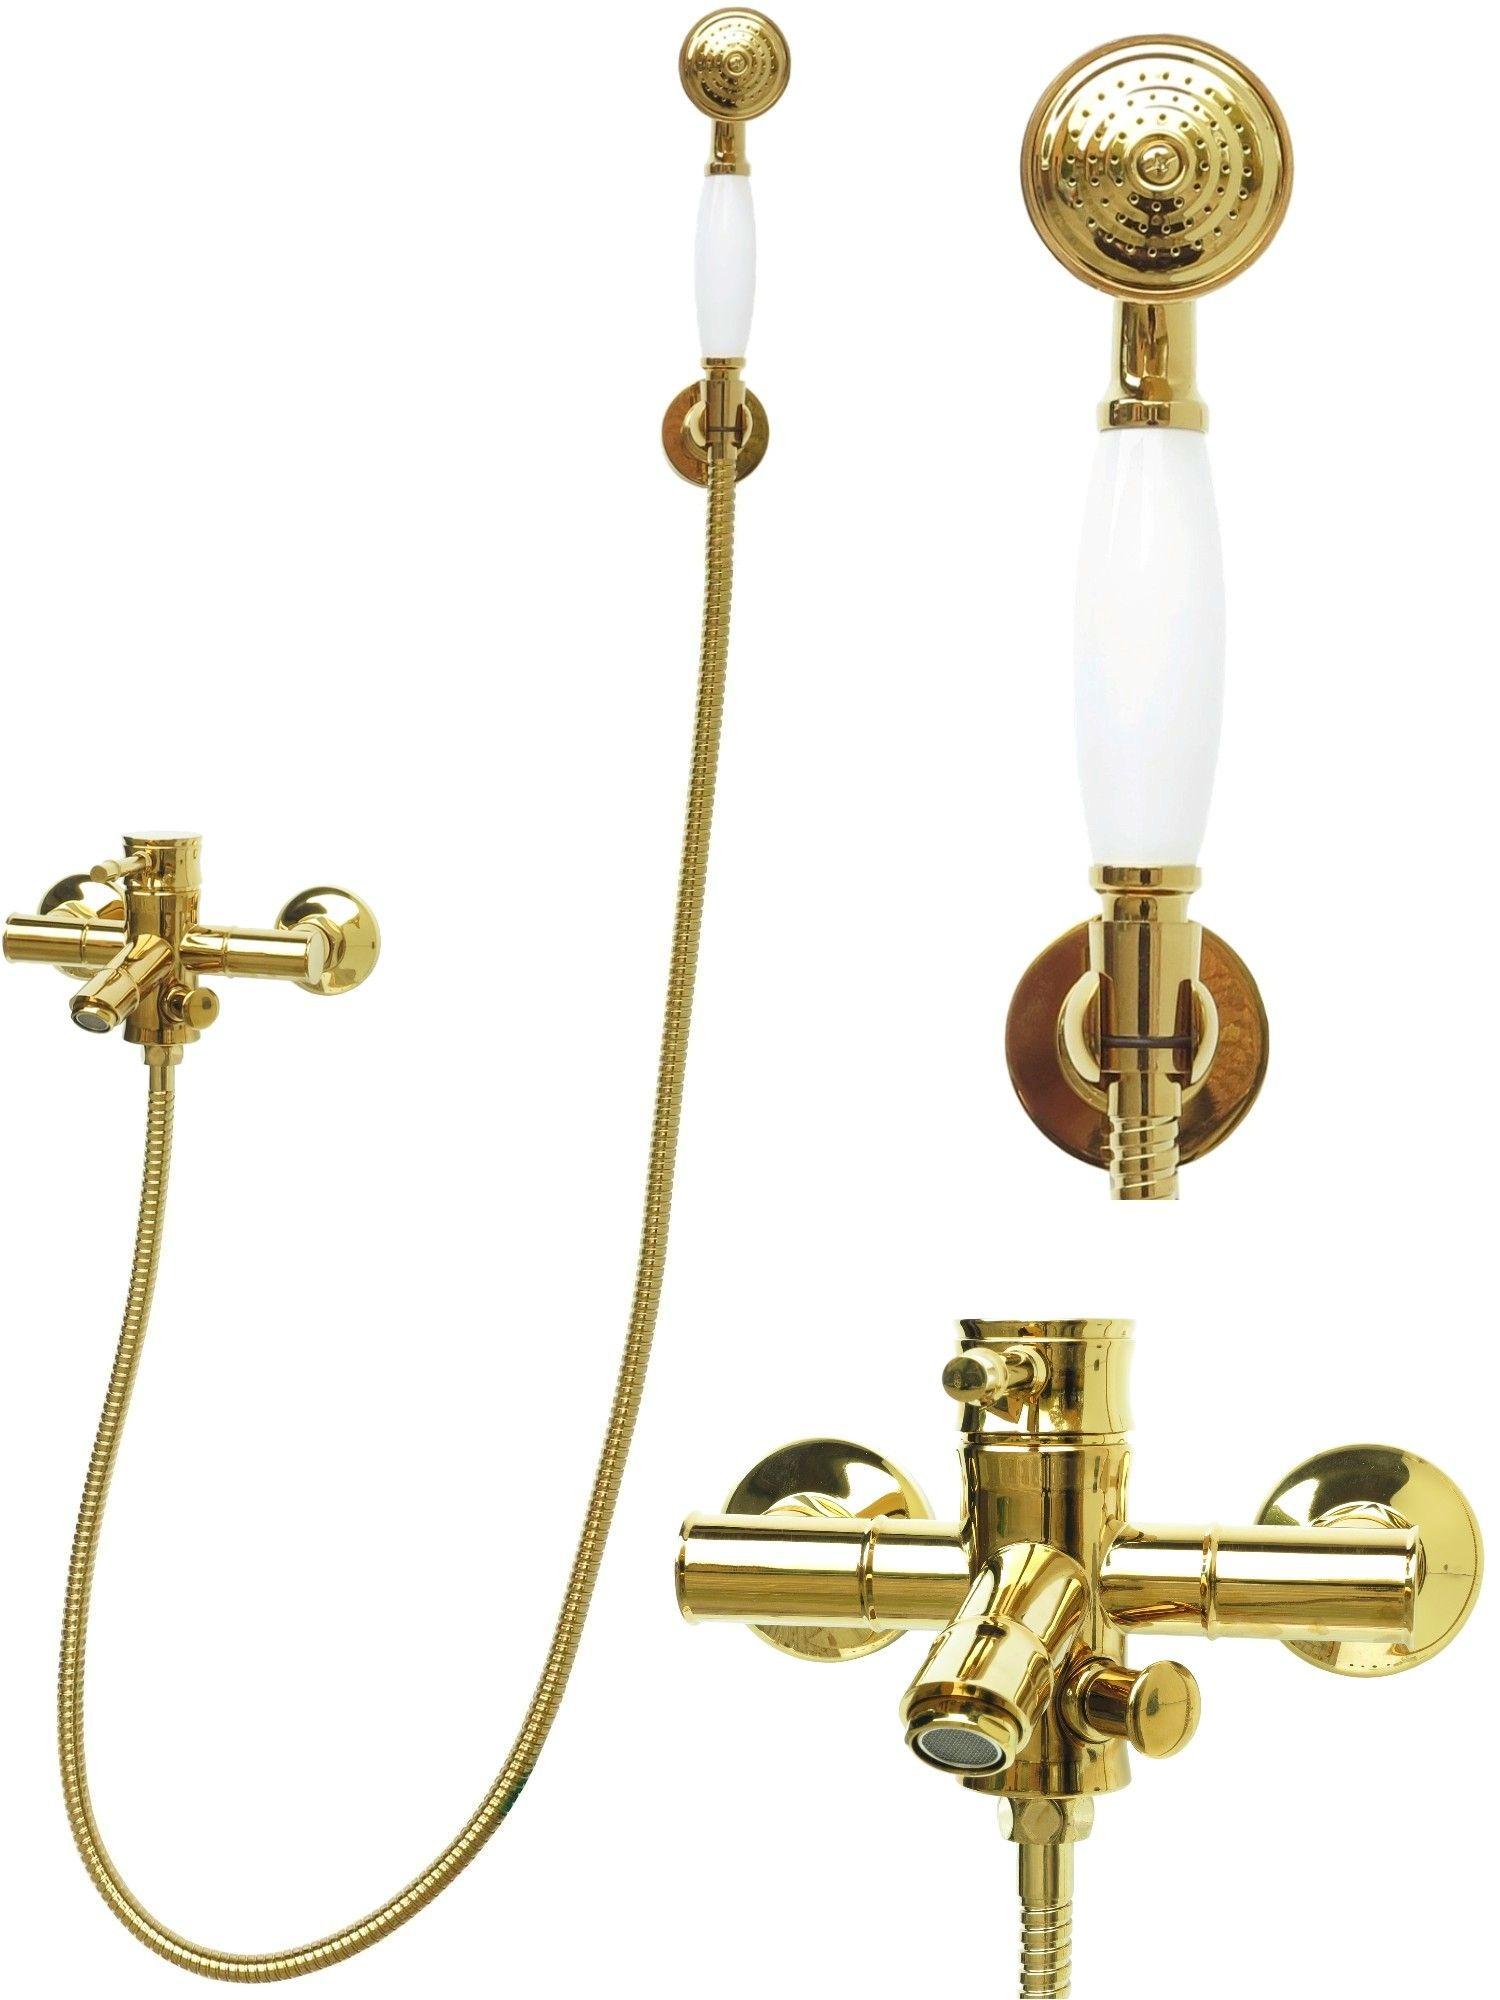 wannenarmatur mischbatterie badewannen handbrause brauseschlauch retro in gold 4260274932360 ebay. Black Bedroom Furniture Sets. Home Design Ideas